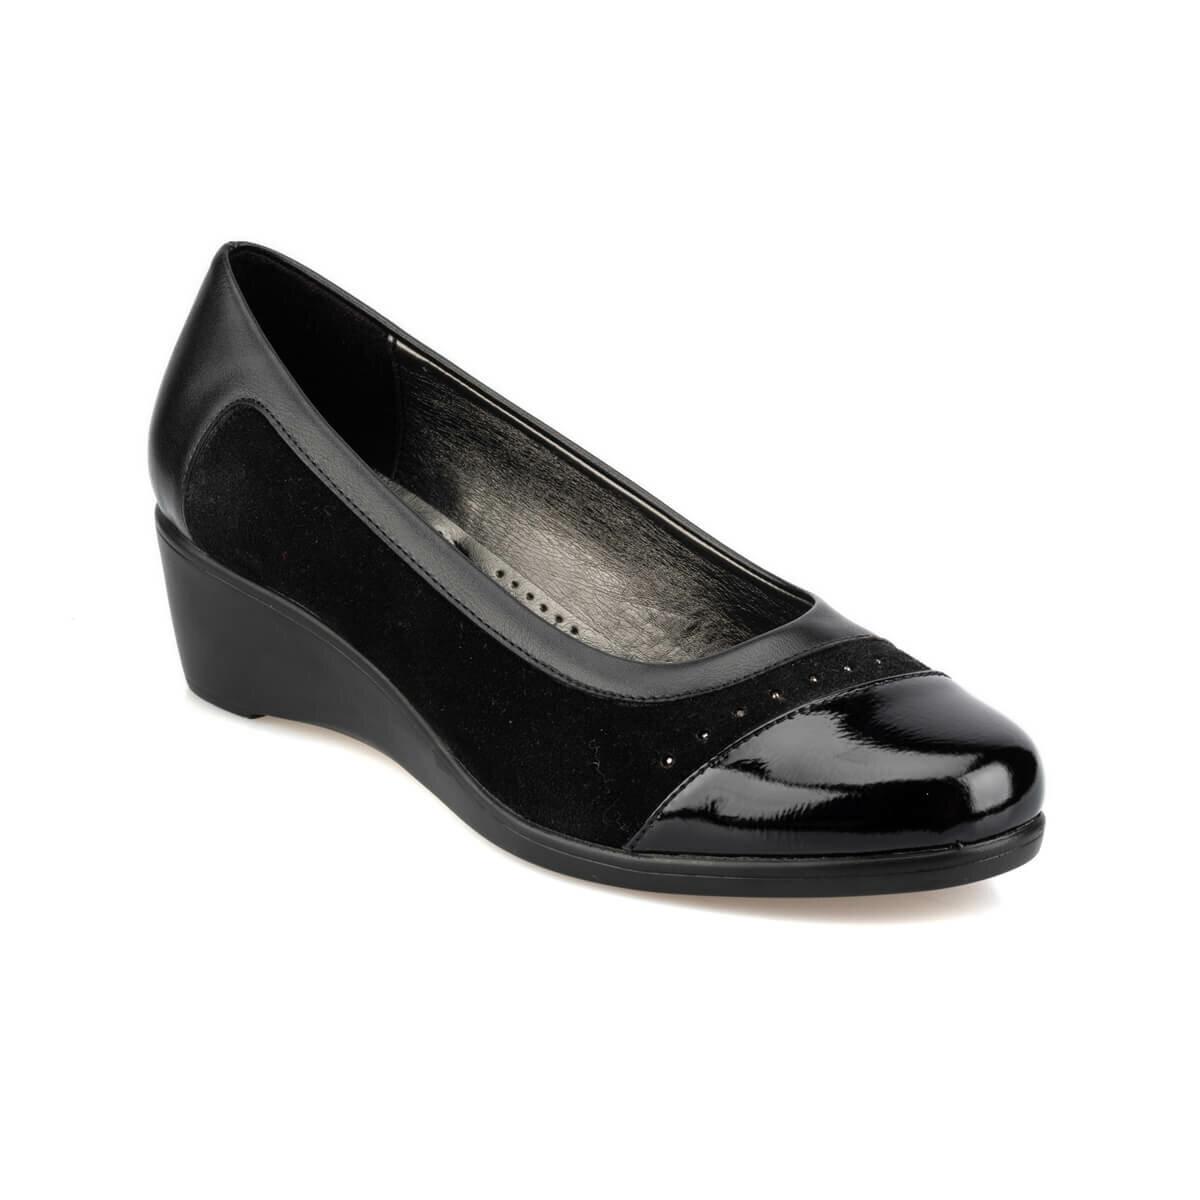 FLO 92.151036.Z Black Women 'S Wedges Shoes Polaris